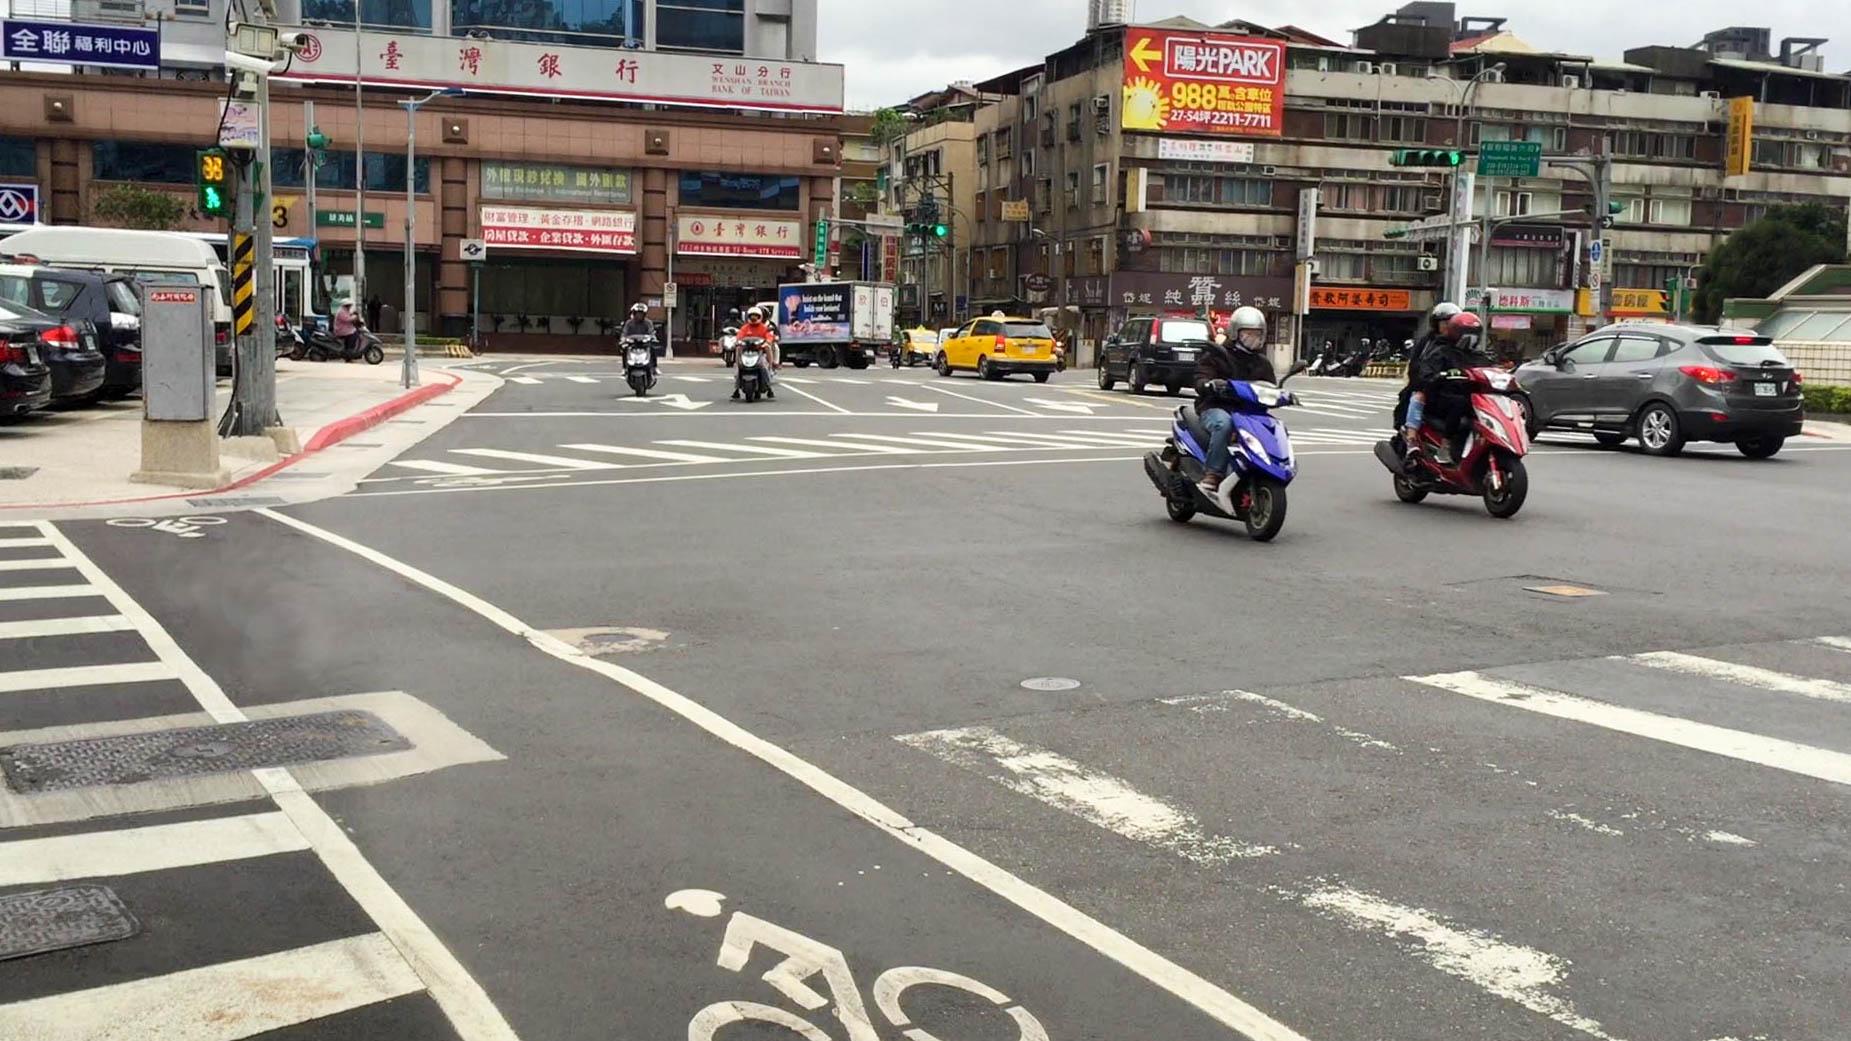 不同行向的交叉路口較容易發生交通意外。攝影/王巧文